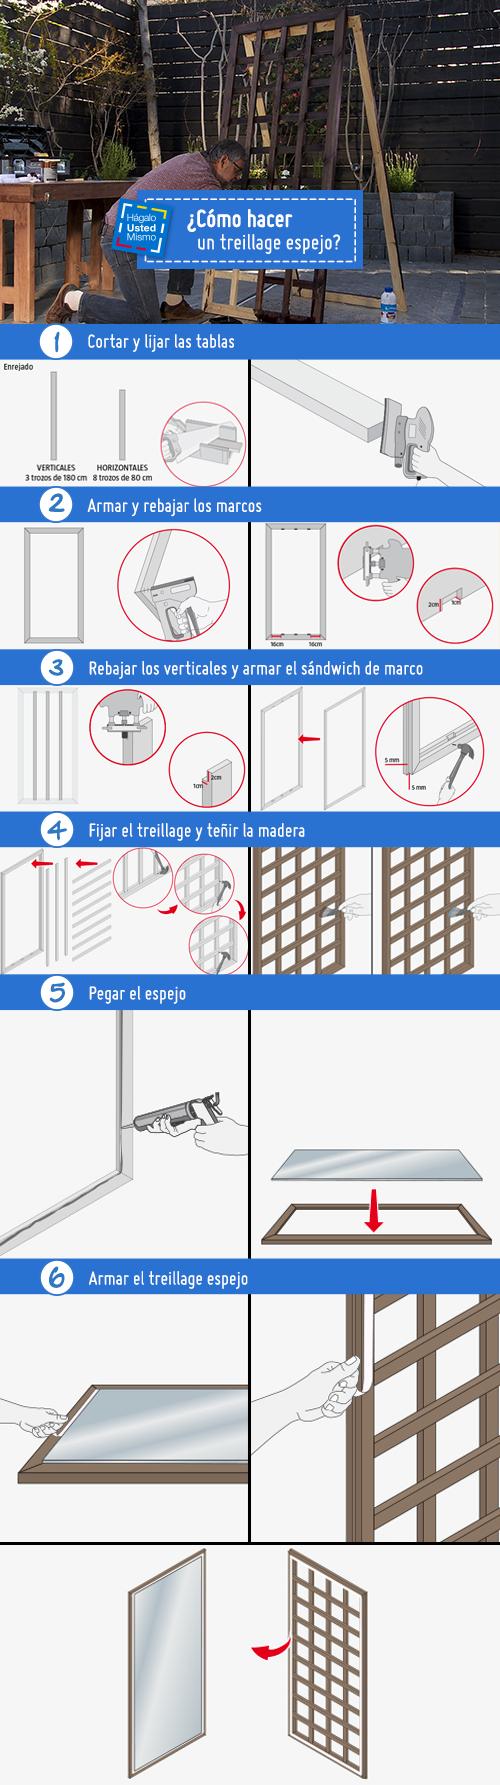 Ideales para pequeños balcones y jardines, ya que lo harán ver mucho más grande, ¡fabrica un treillage espejo con este #HágaloUstedMismo! #HUM